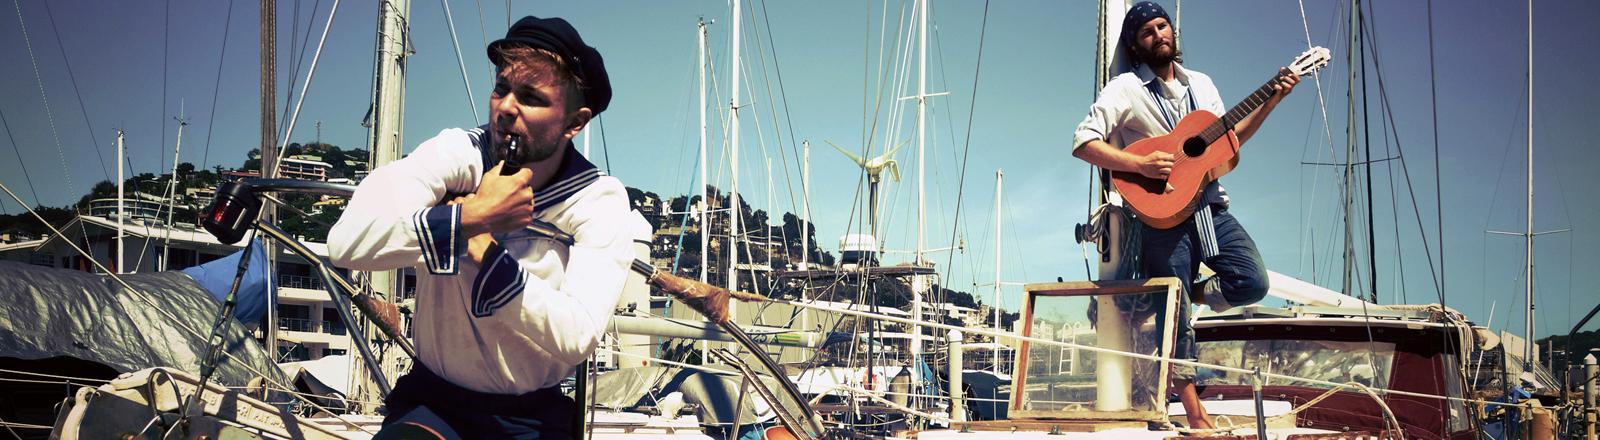 Zwei Männer auf einem Seegelboot